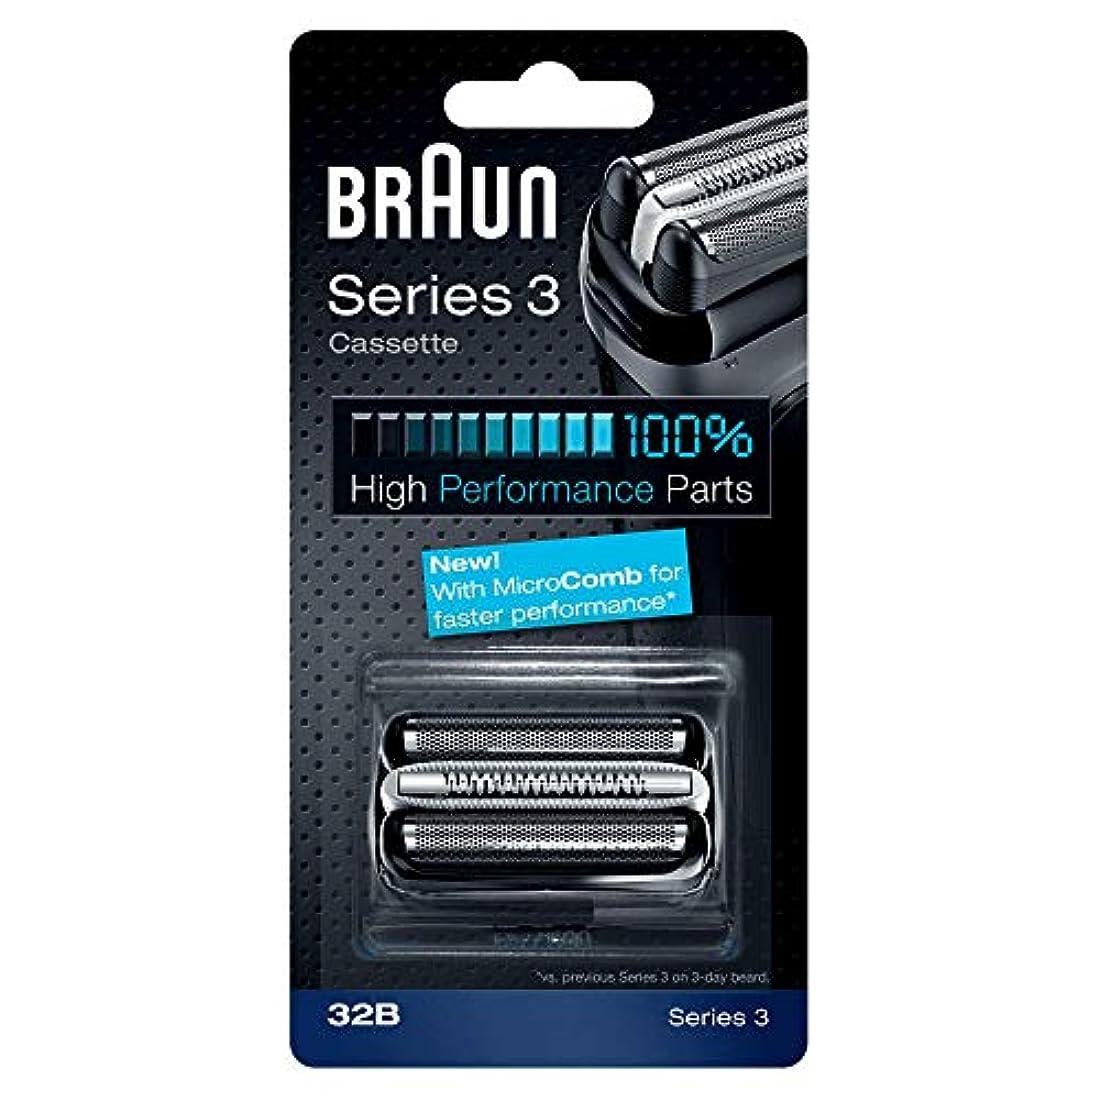 剛性内向き禁止BRAUN 32B Series 3 Shaver Cassette MicroComb交換ヘッドをフォイルカッター& [並行輸入品]